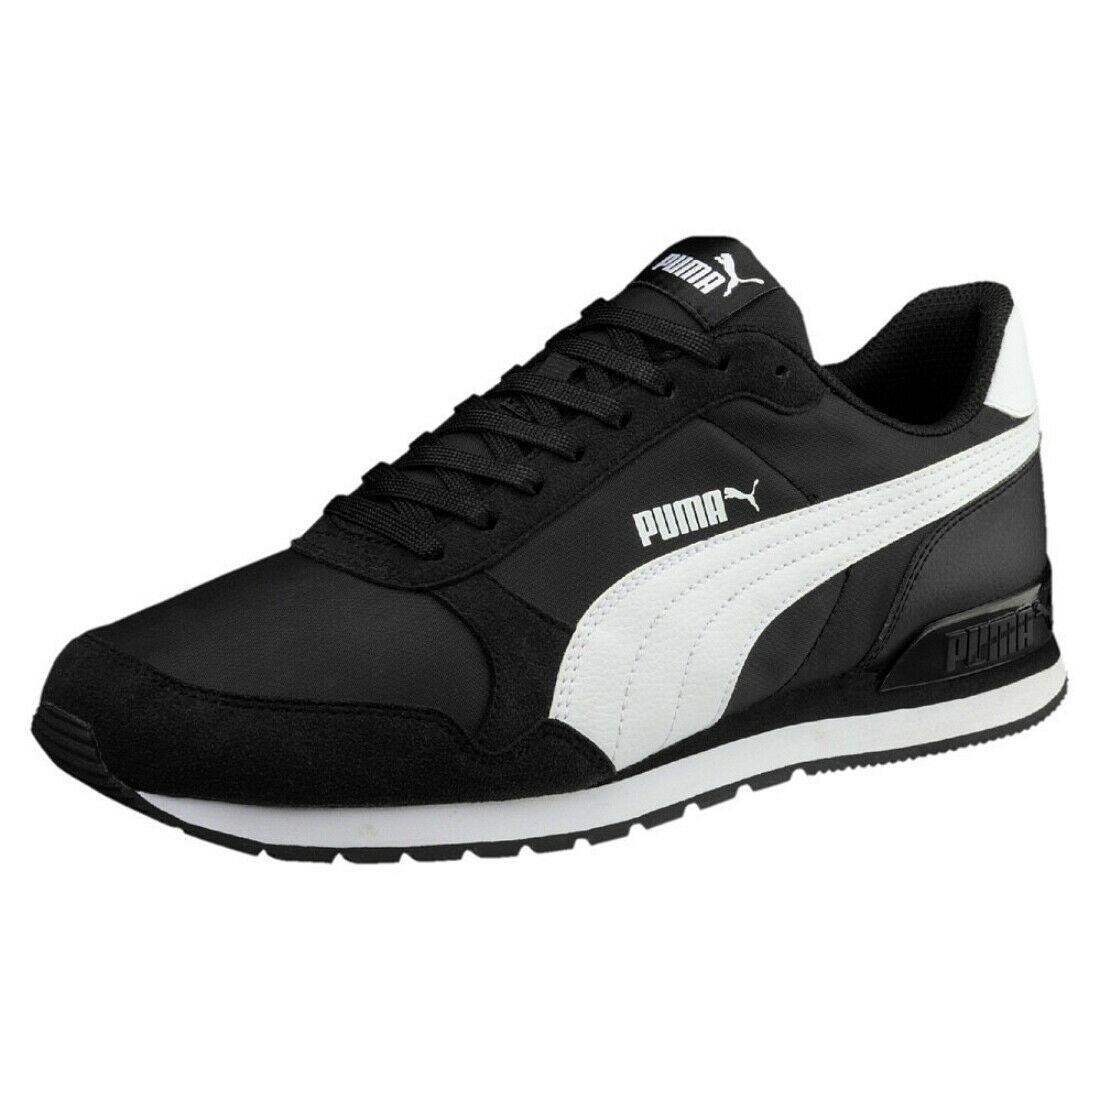 Puma ST Runner v2 NL Sneaker Schuhe Turnschuhe Nylon Leder Sportschuhe 365278